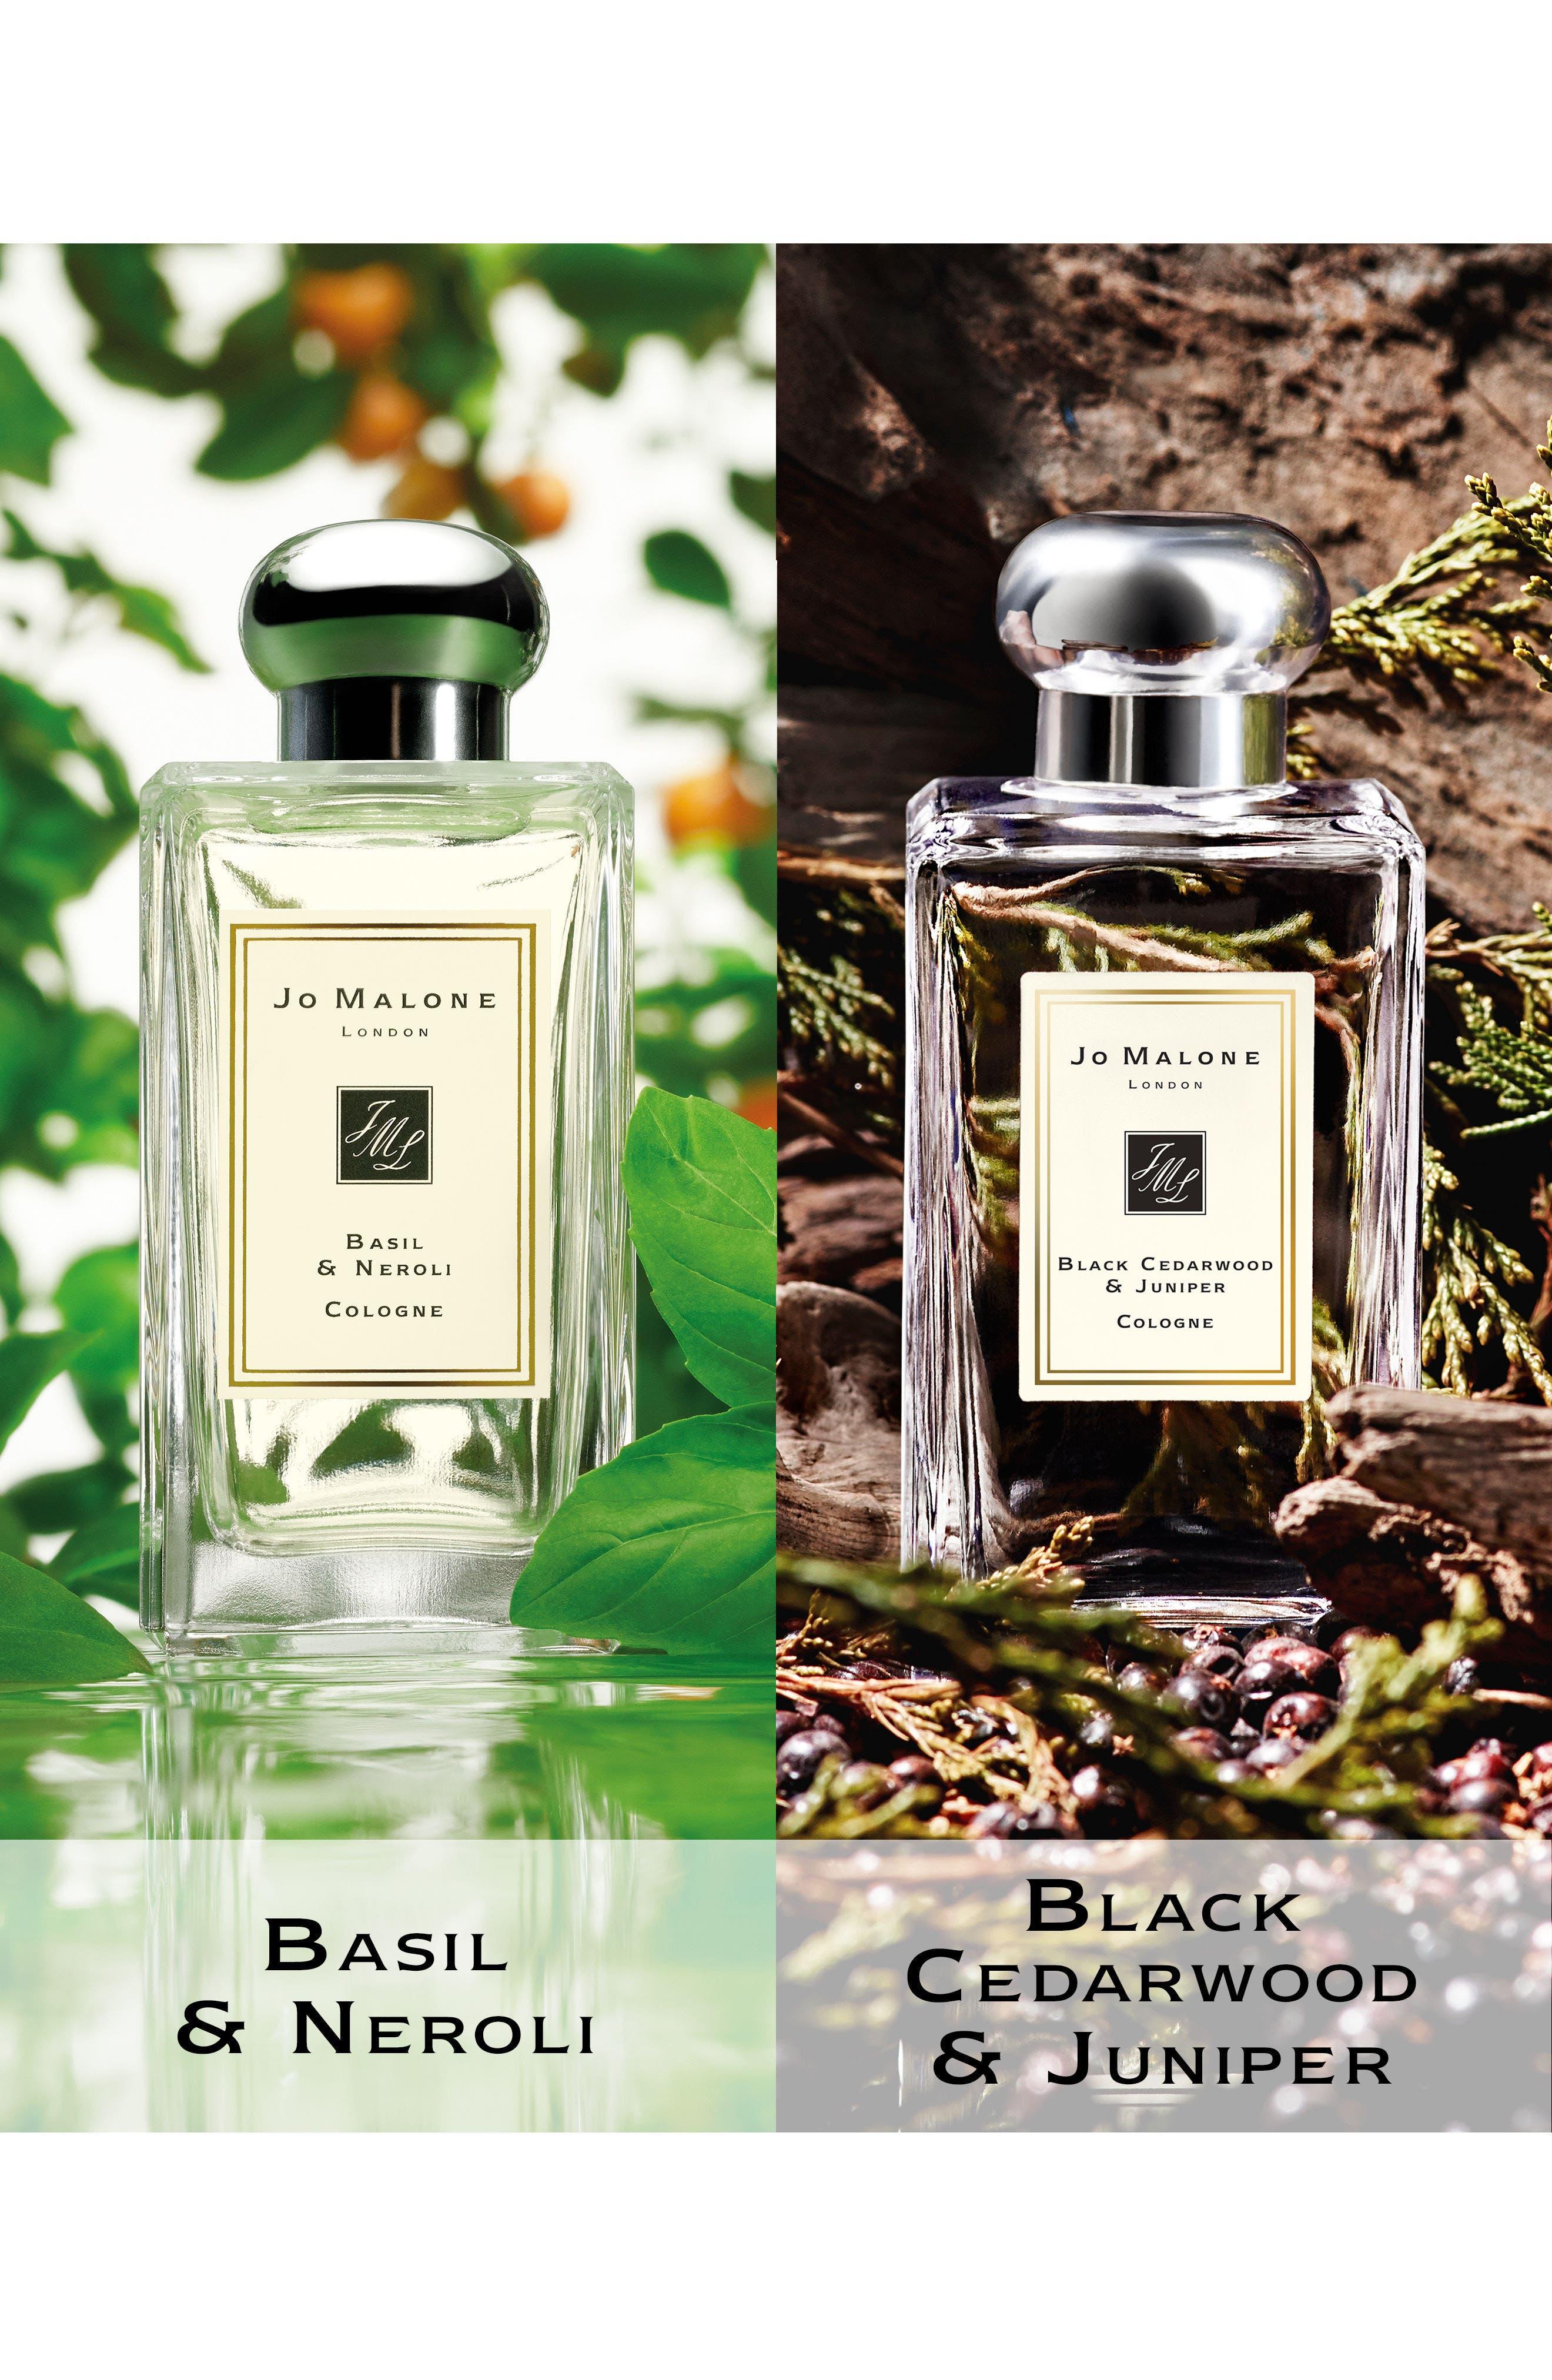 Jo Malone London™ Basil & Neroli & Black Cedarwood & Juniper